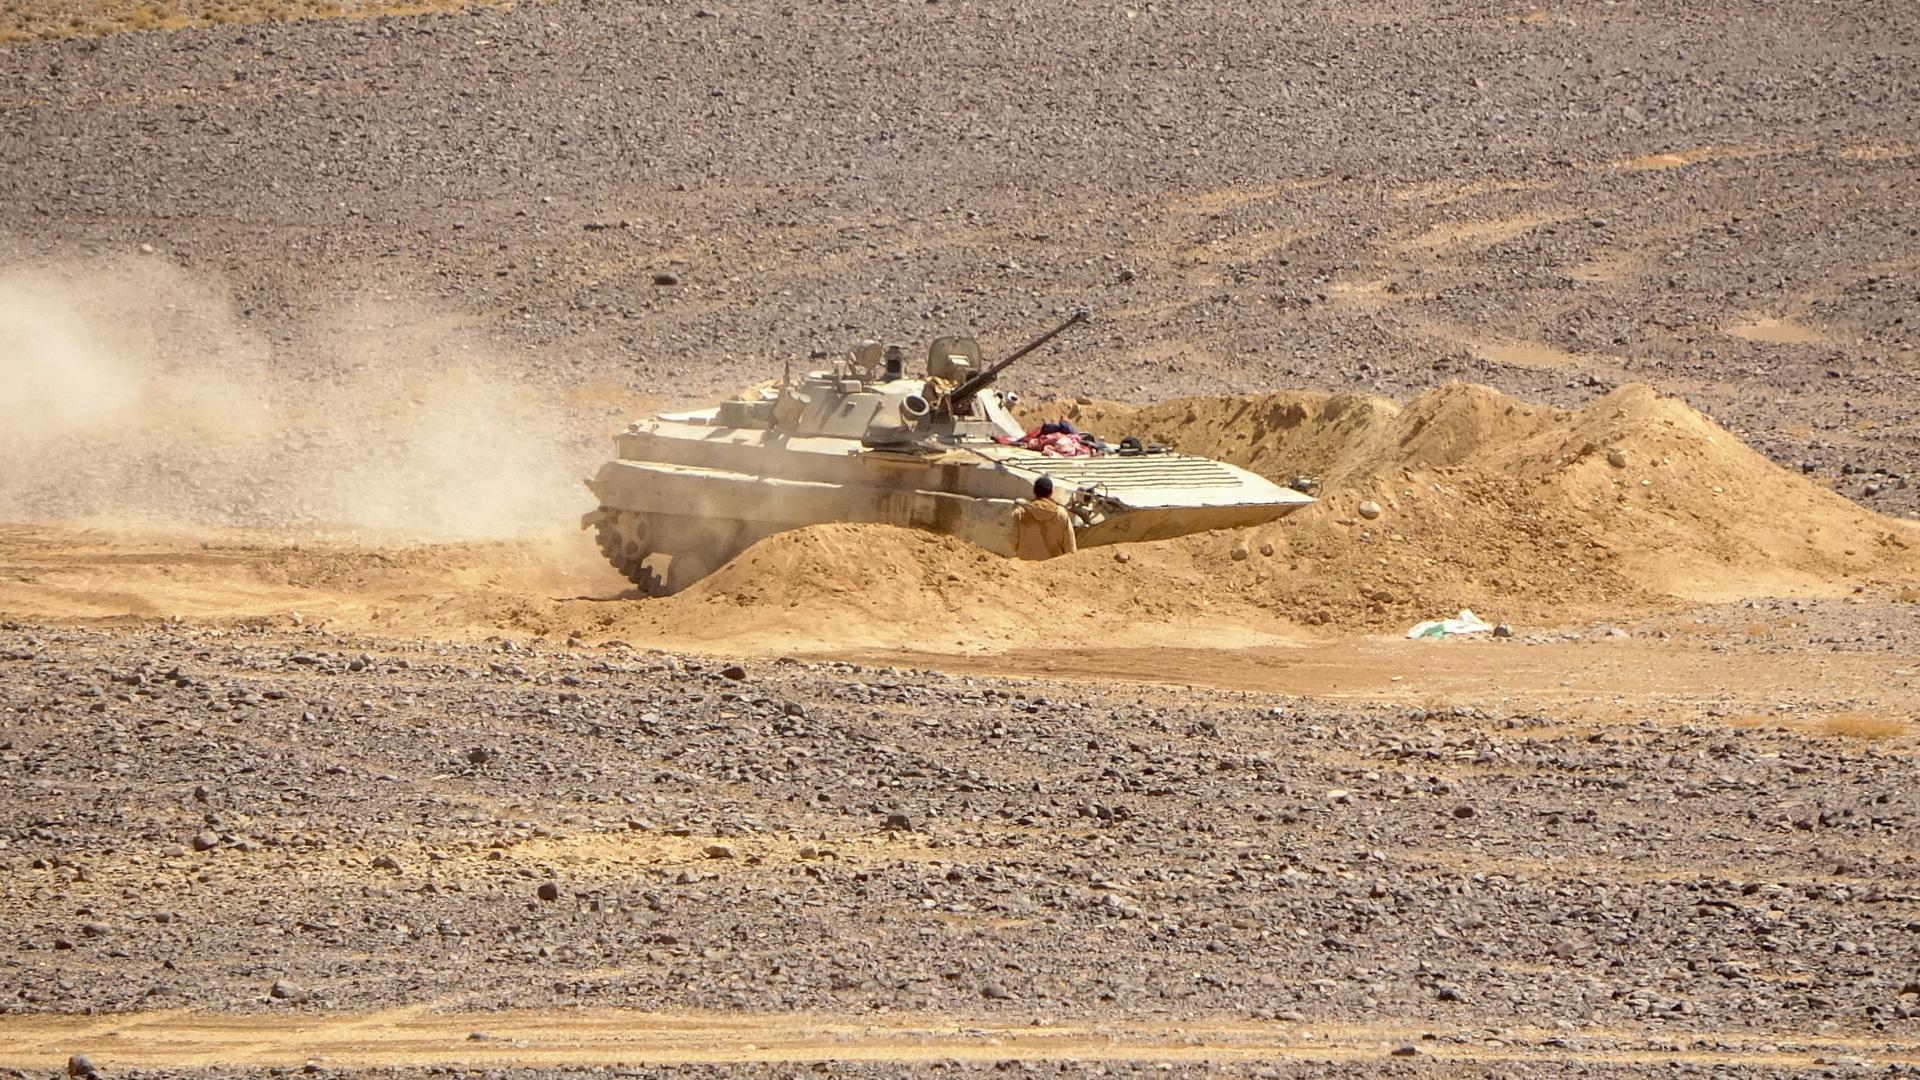 الحرب في اليمن باتت تسمم عواصم الخليج